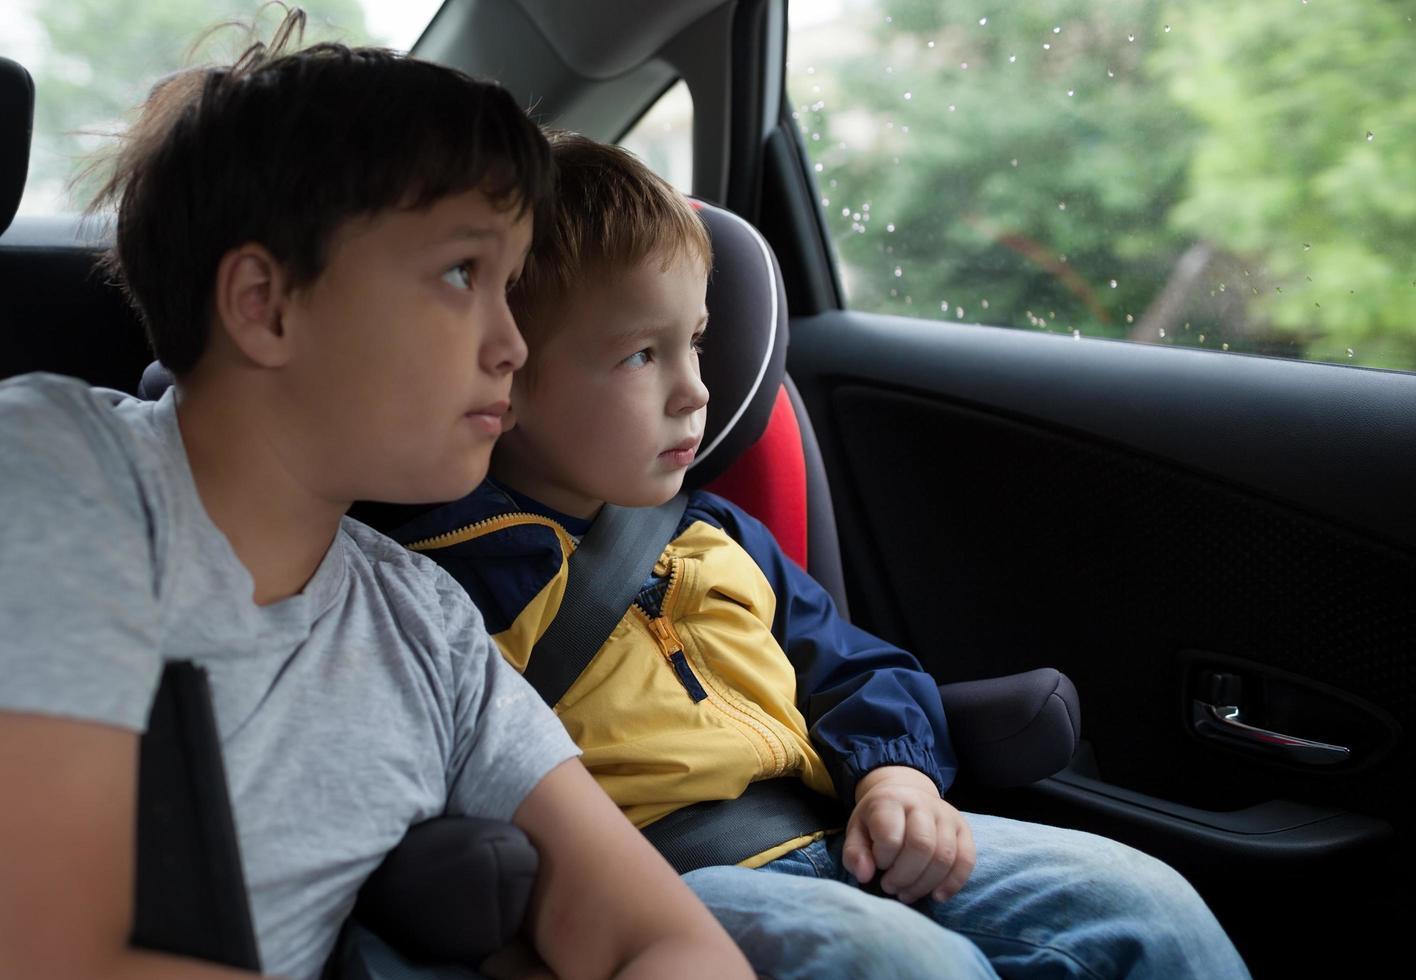 meninos olhando pela janela do carro foto